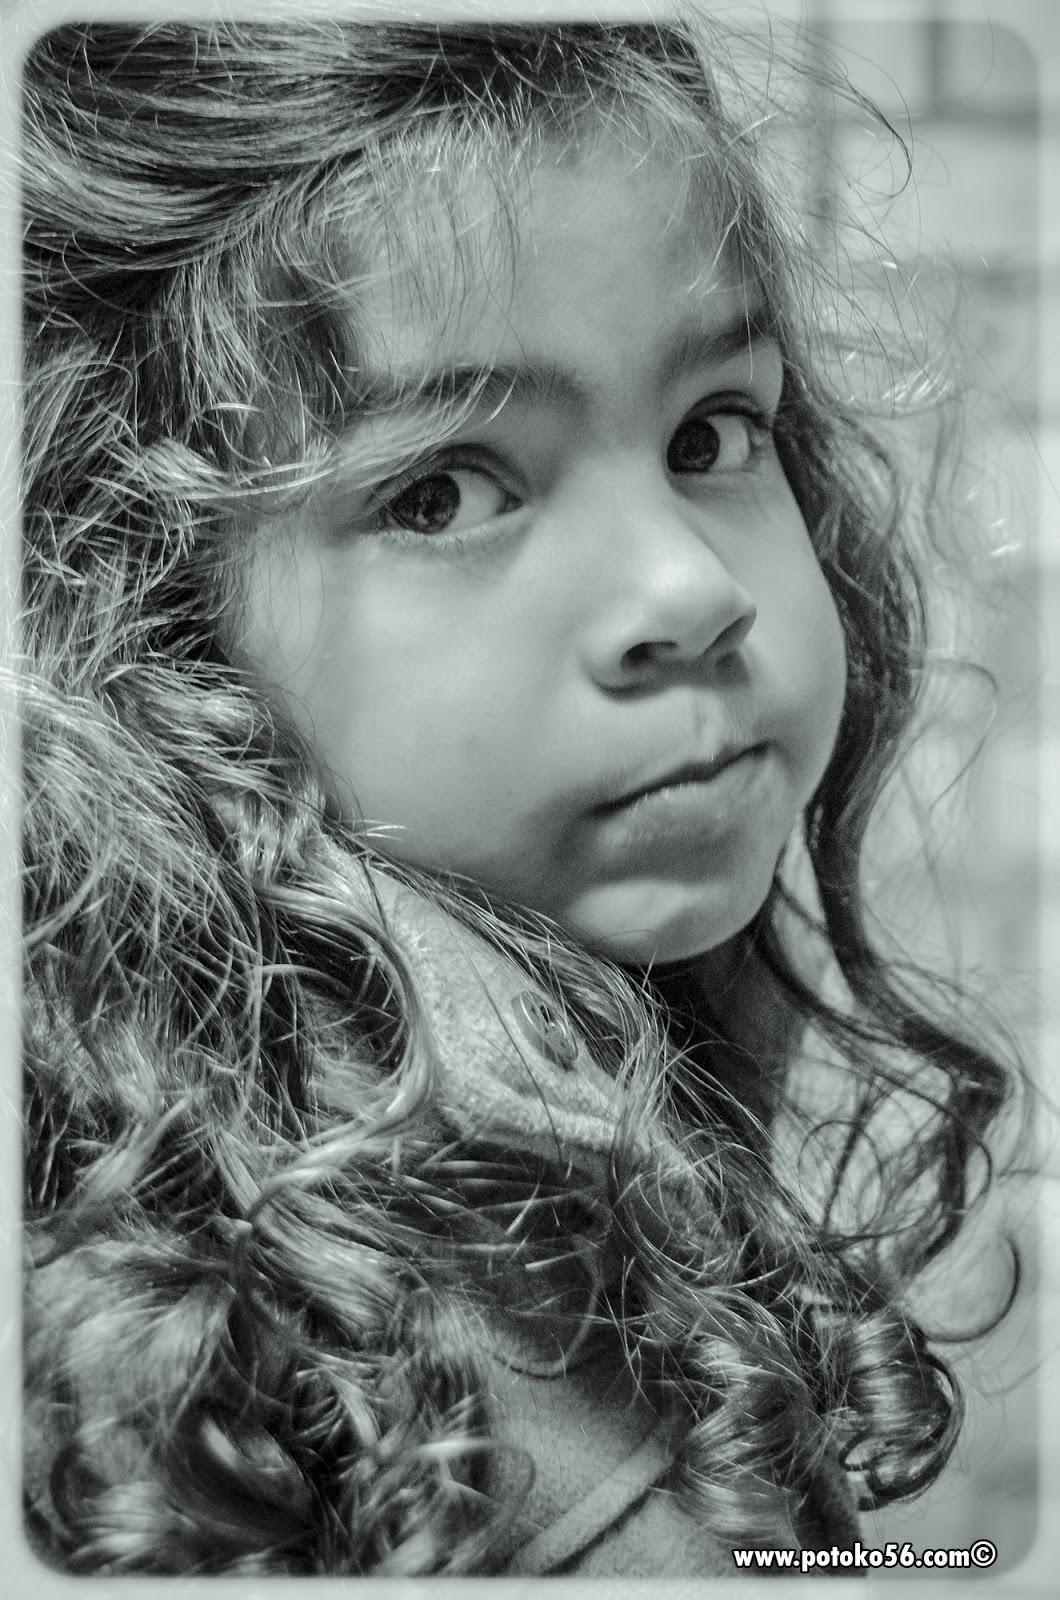 La hija de un amigo en los pasados carnavales en Rota